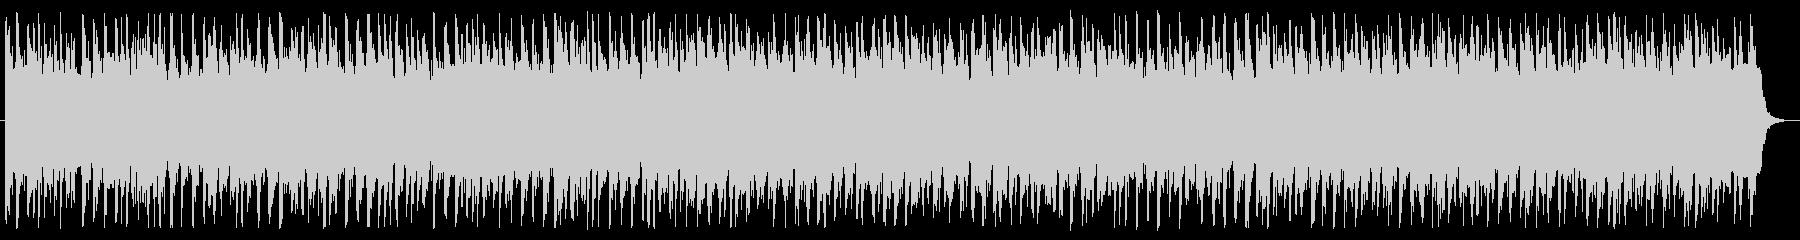 急ぐシーンで流れるBGMの未再生の波形